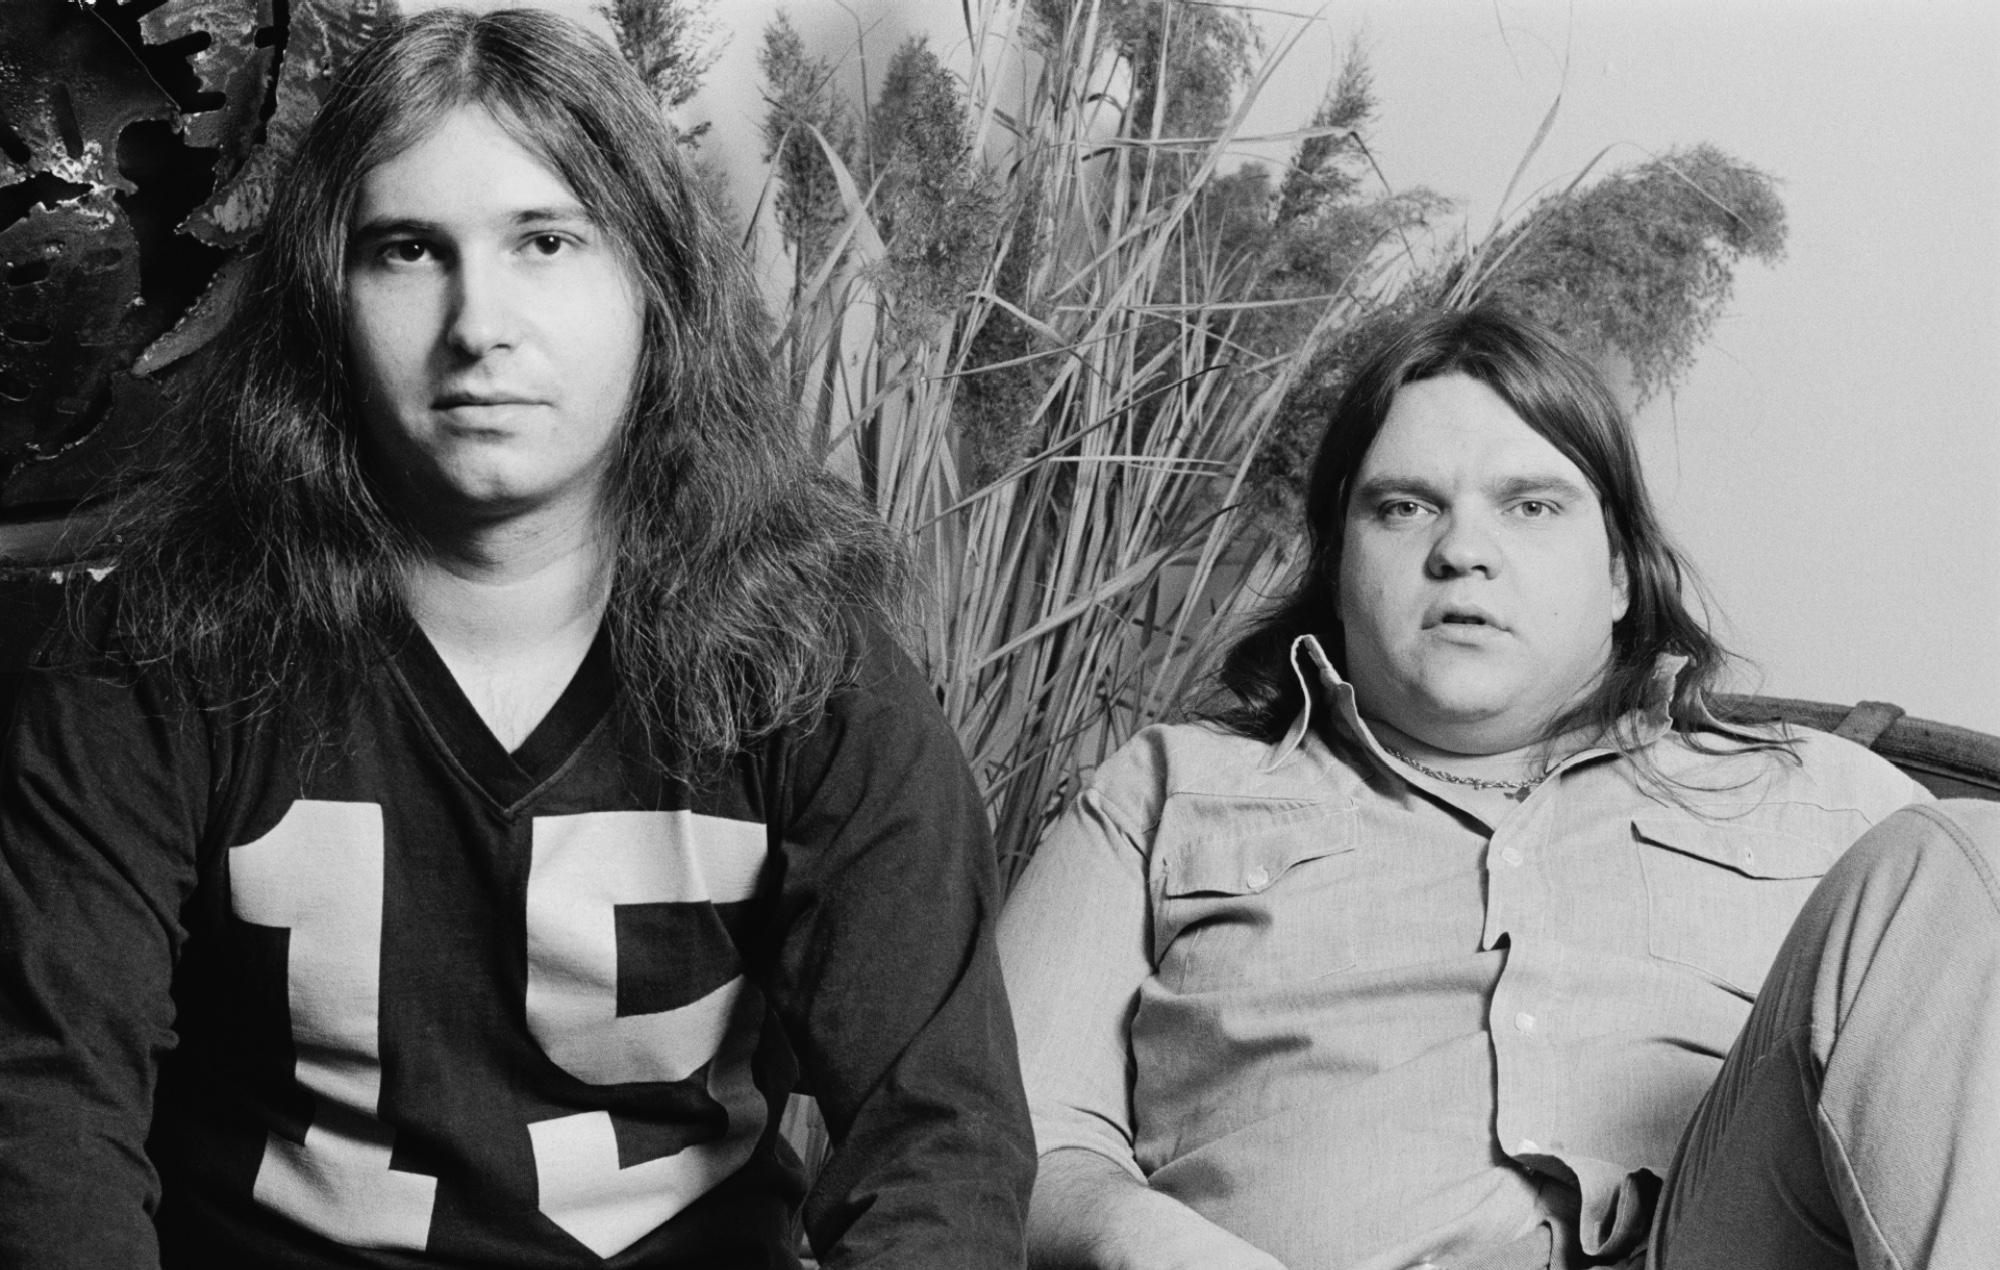 Jim Steinman and Meatloaf